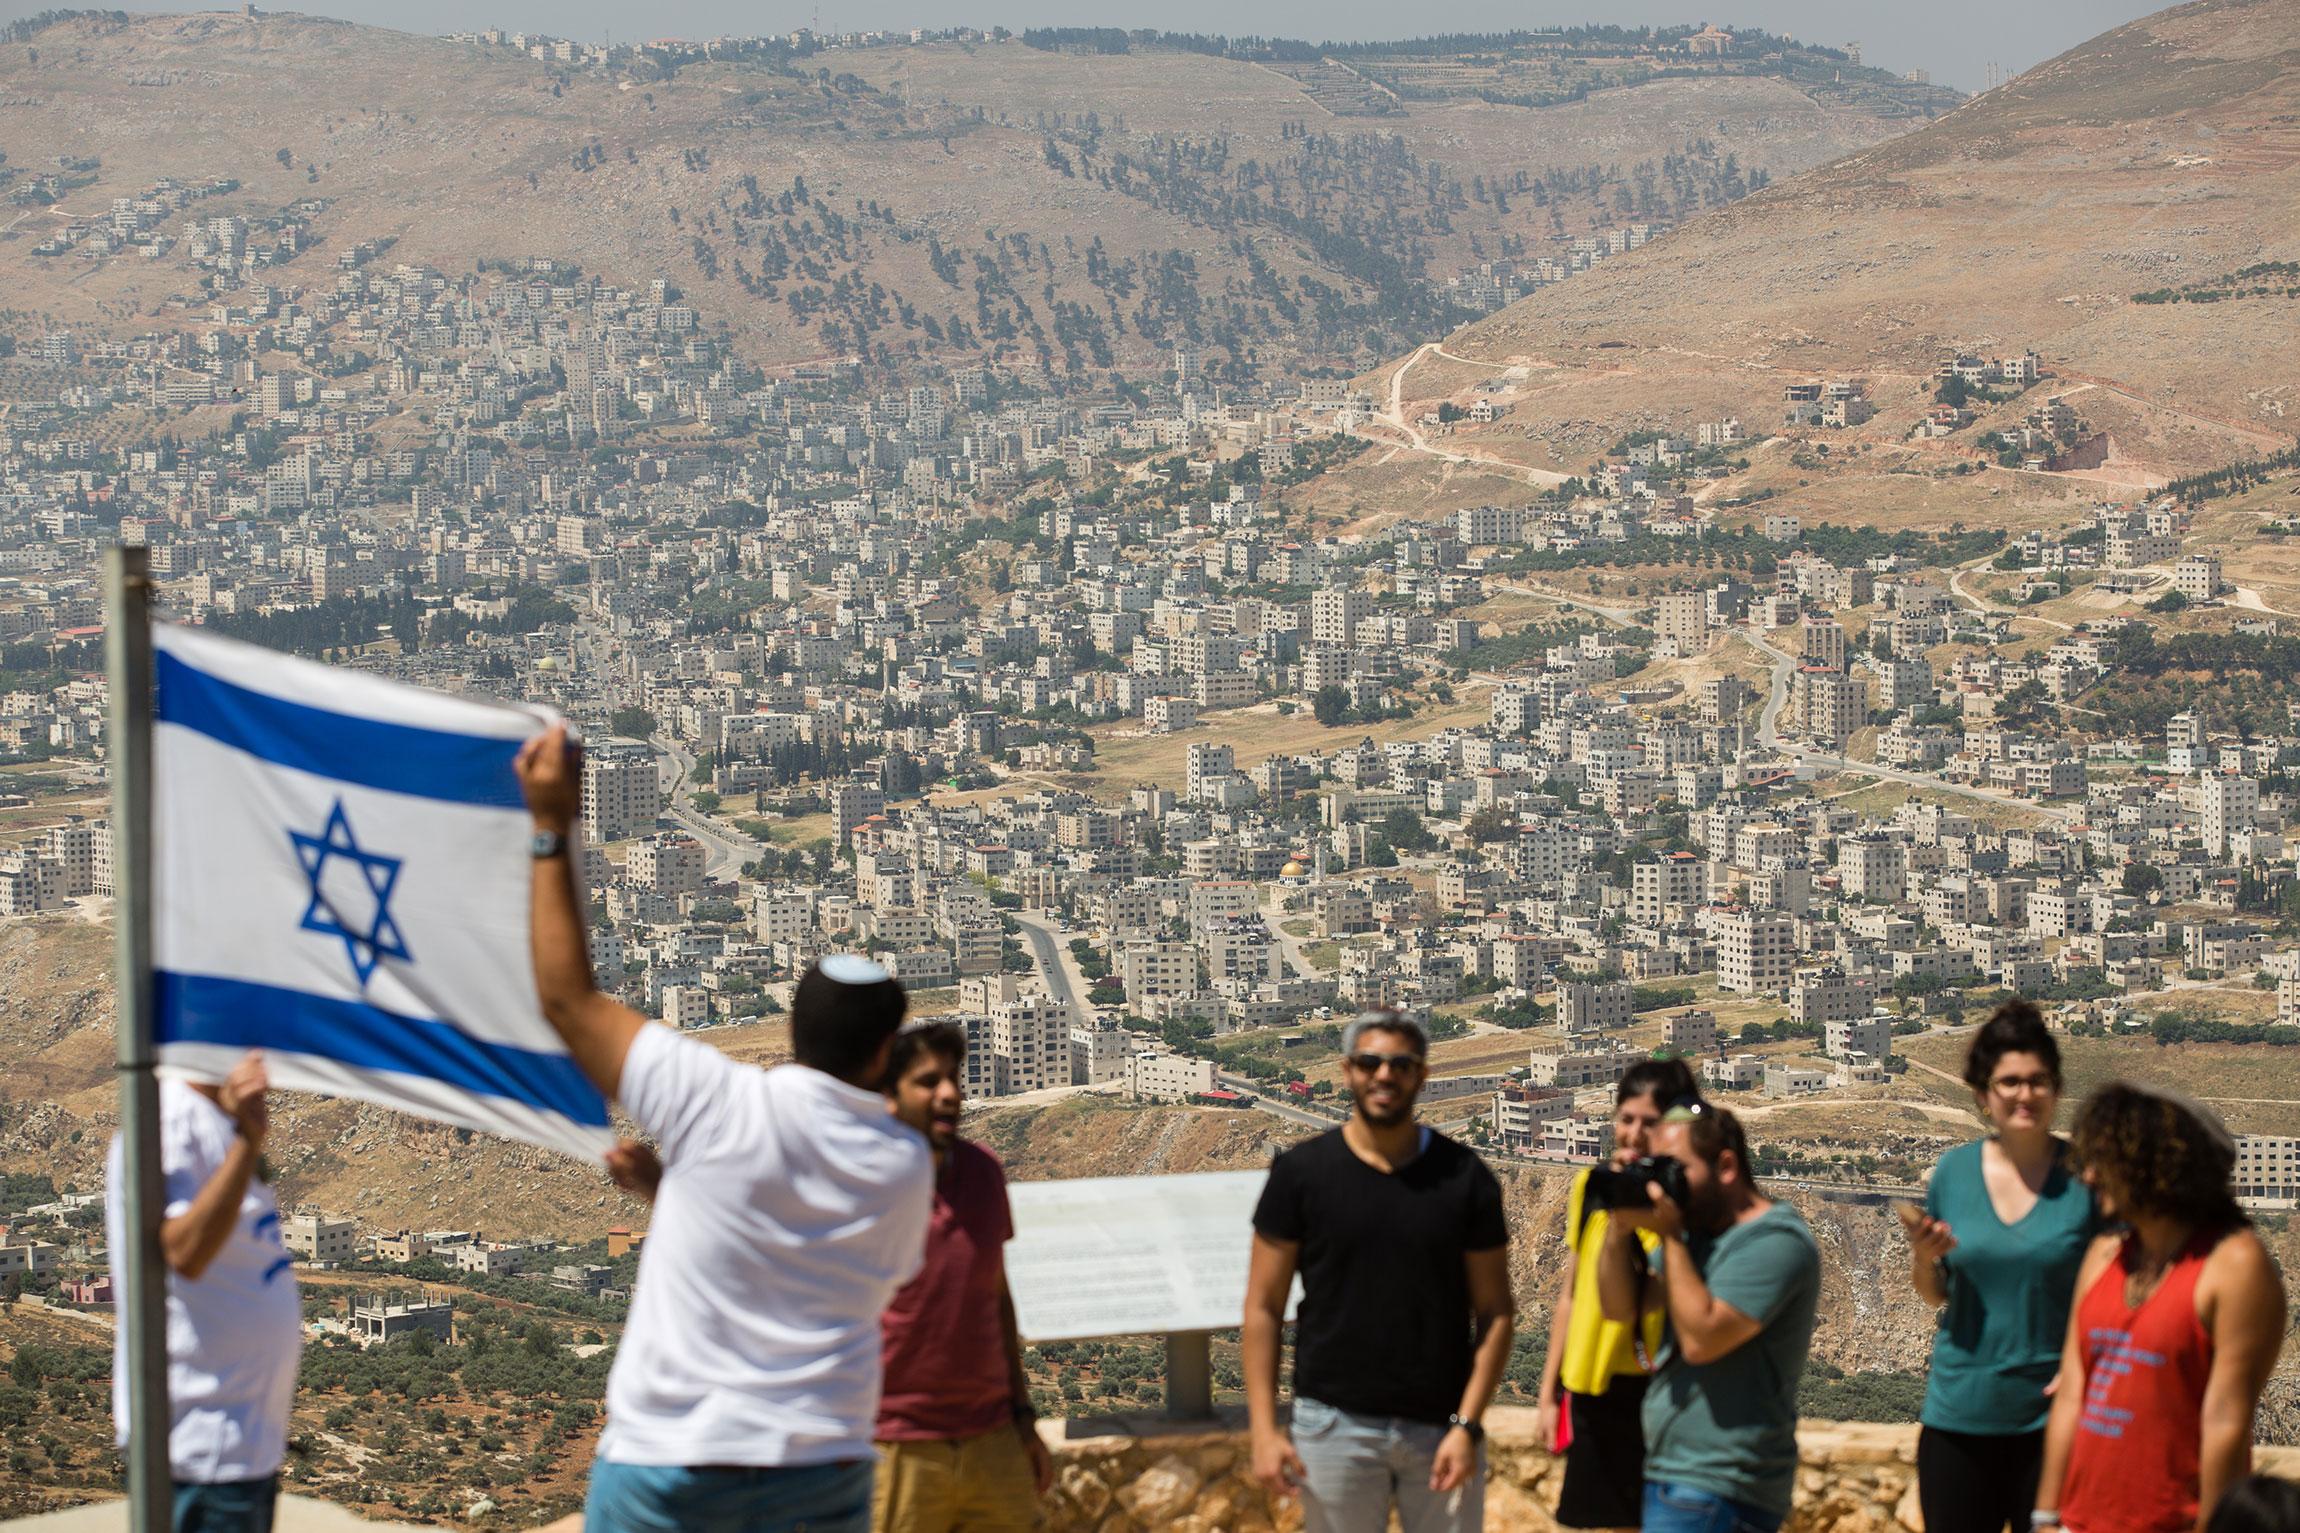 """Ürdün'den İsrail'in """"Yahudi yerleşimciler için doğa koruma alanı"""" ilanına kınama"""